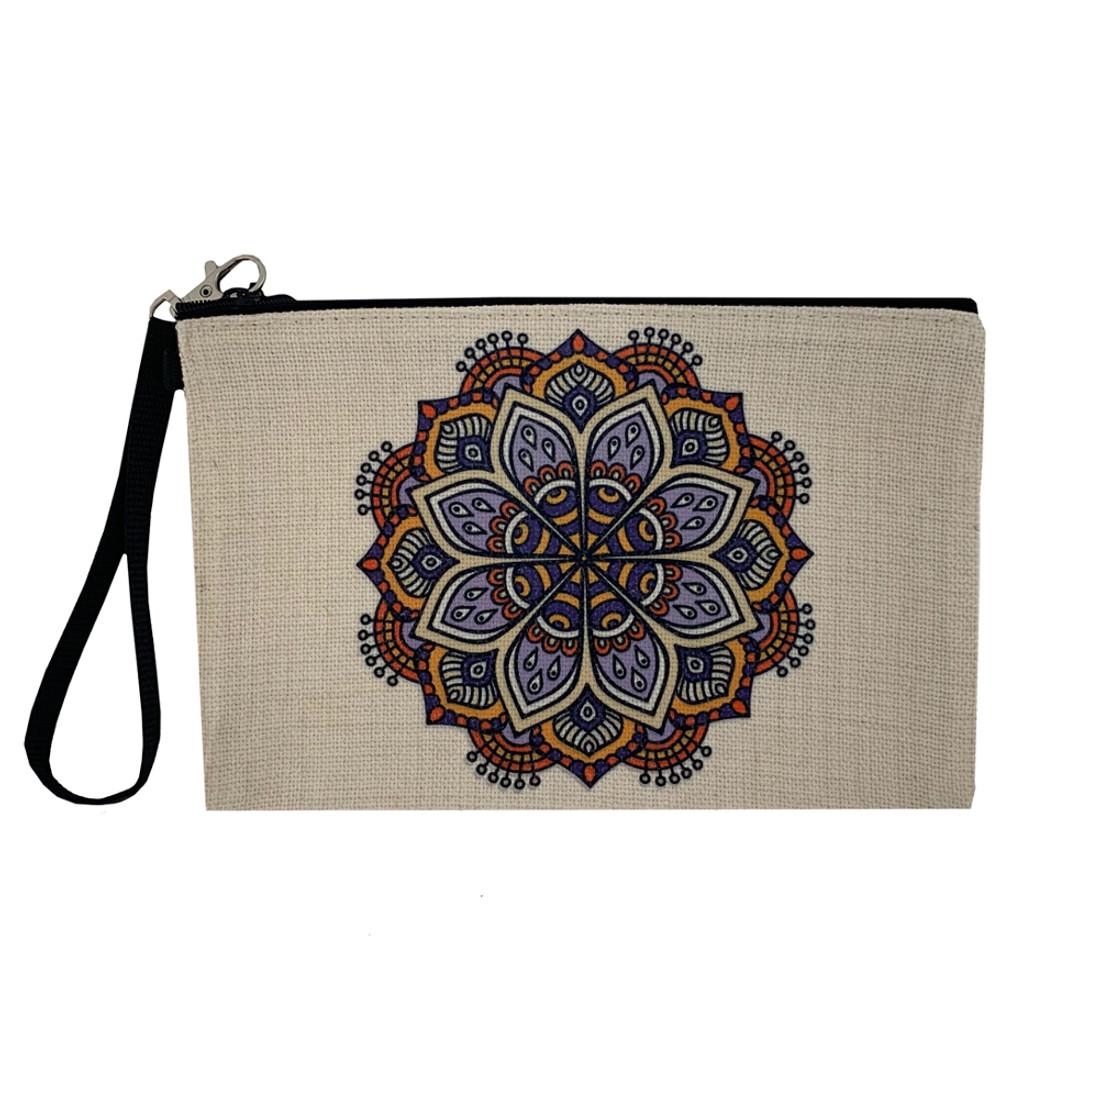 Mandala Make Up Cosmetic Bag